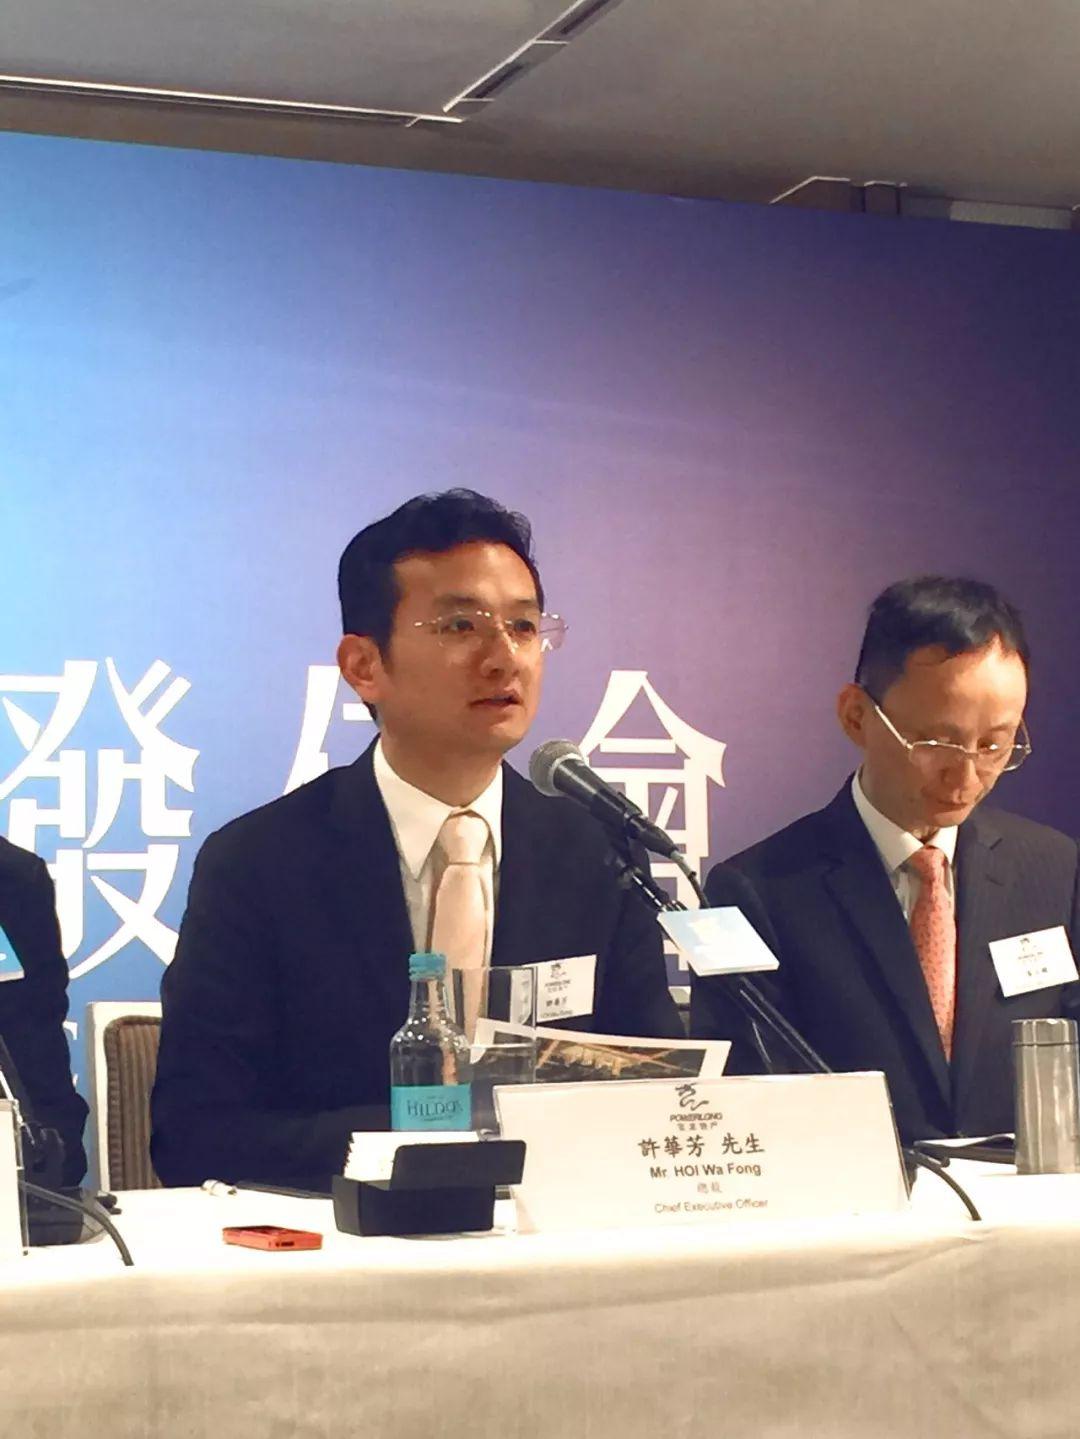 宝龙地产2017年核心盈利增长逾四成 花旗同步上调目标价至5.88港币宝龙地产宝龙花旗